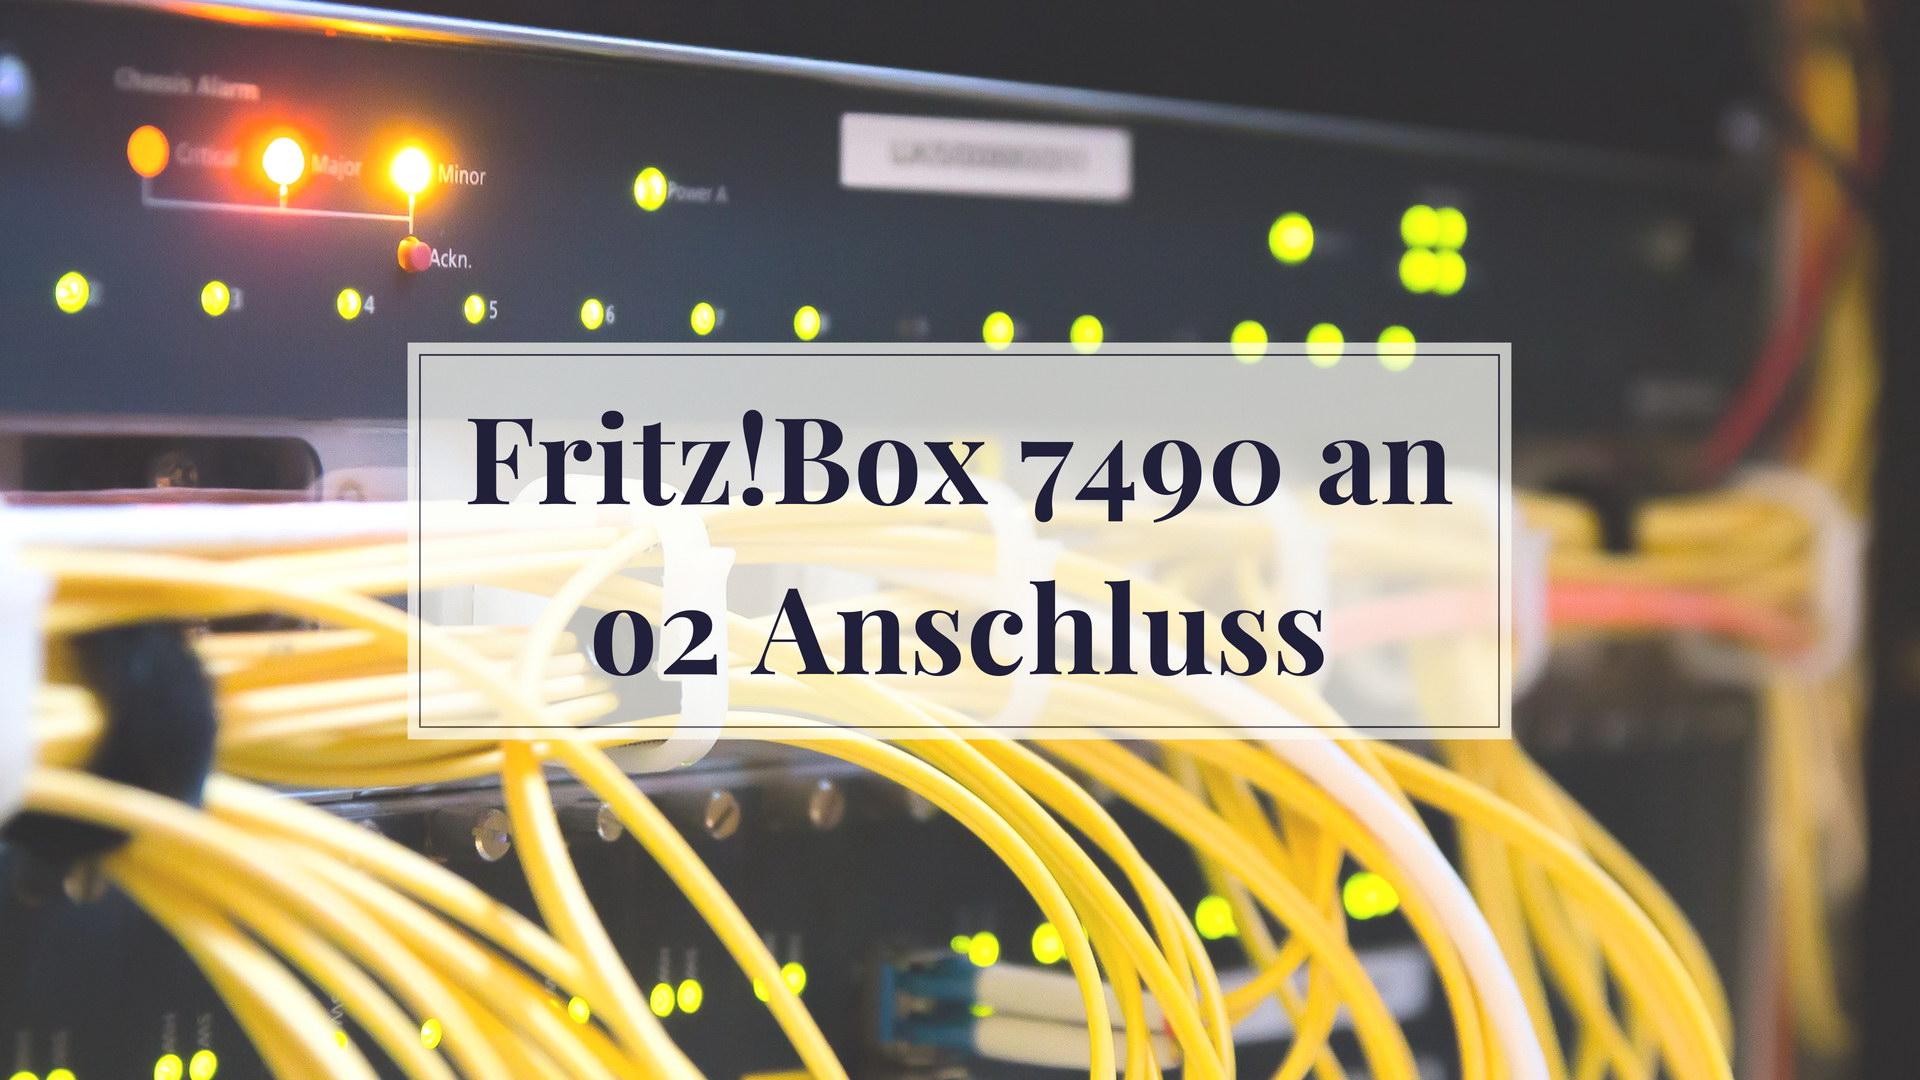 FritzBox 7490 an o2 Anschluss